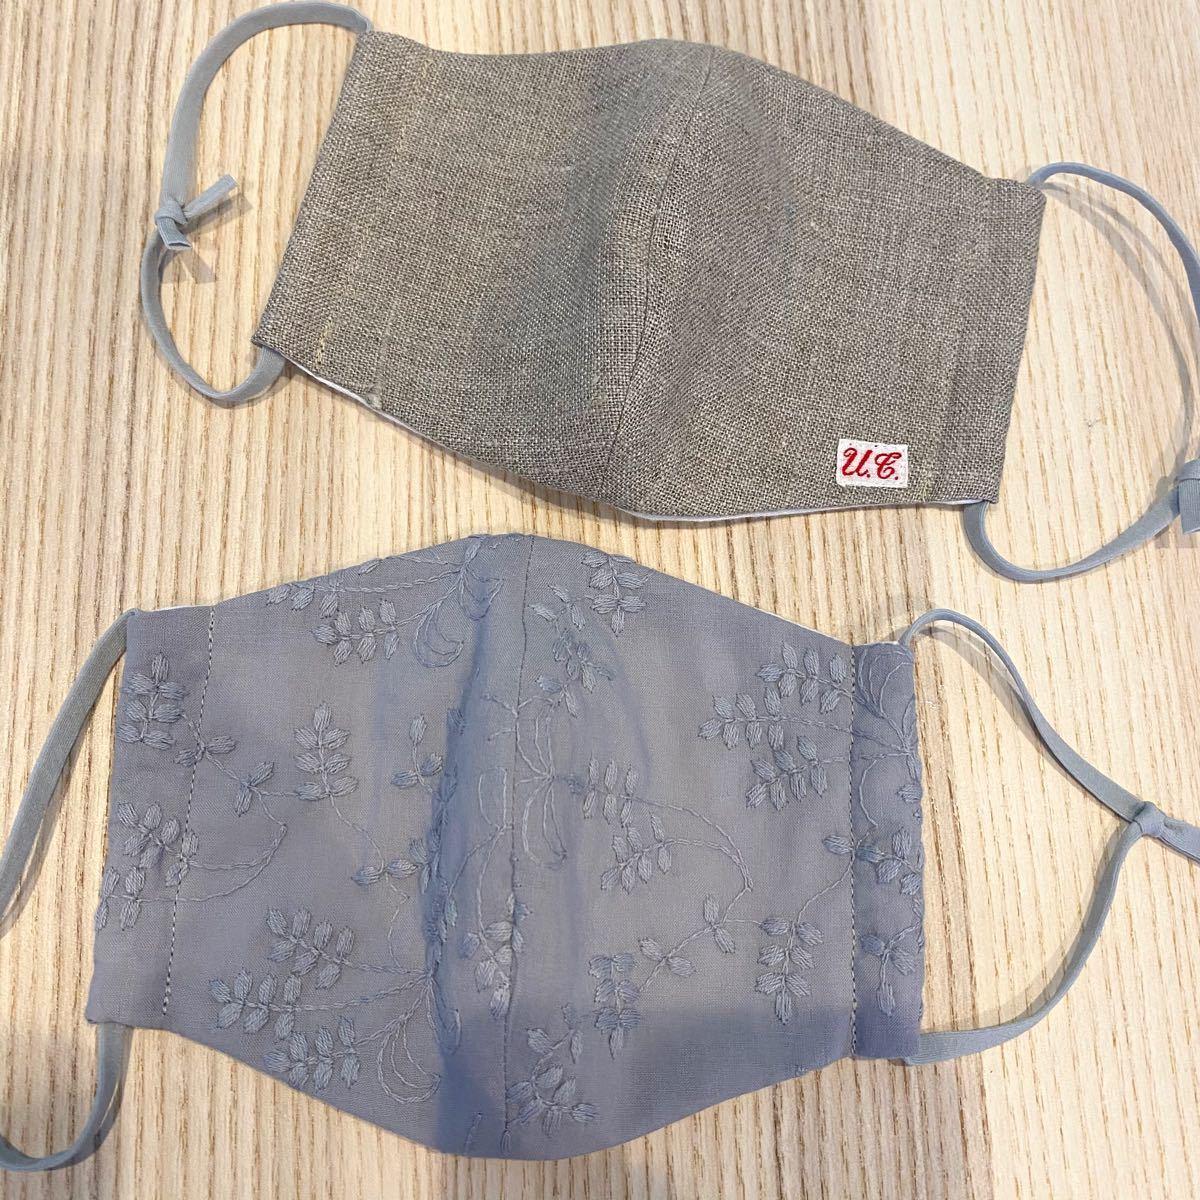 立体マスク ハンドメイド 大人用 2枚セット リネン コットンレース 普通サイズ シンプル ナチュラル ゴム付き